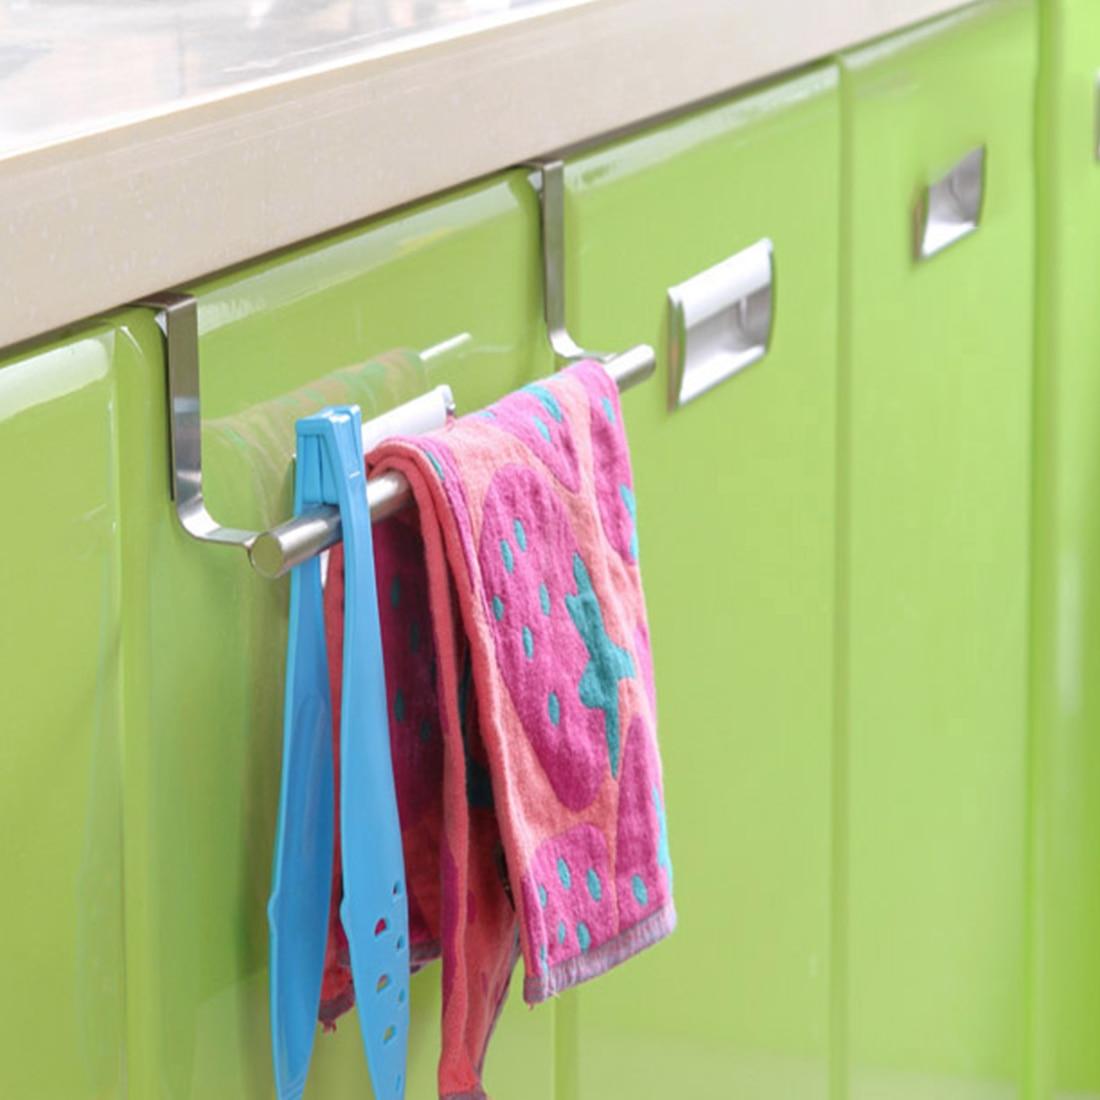 1pcs Heated Towel Rail Holder Bathroom Accessoriestowel: 1Pcs Stainless Steel Bathroom Kitchen Multipurpose Single